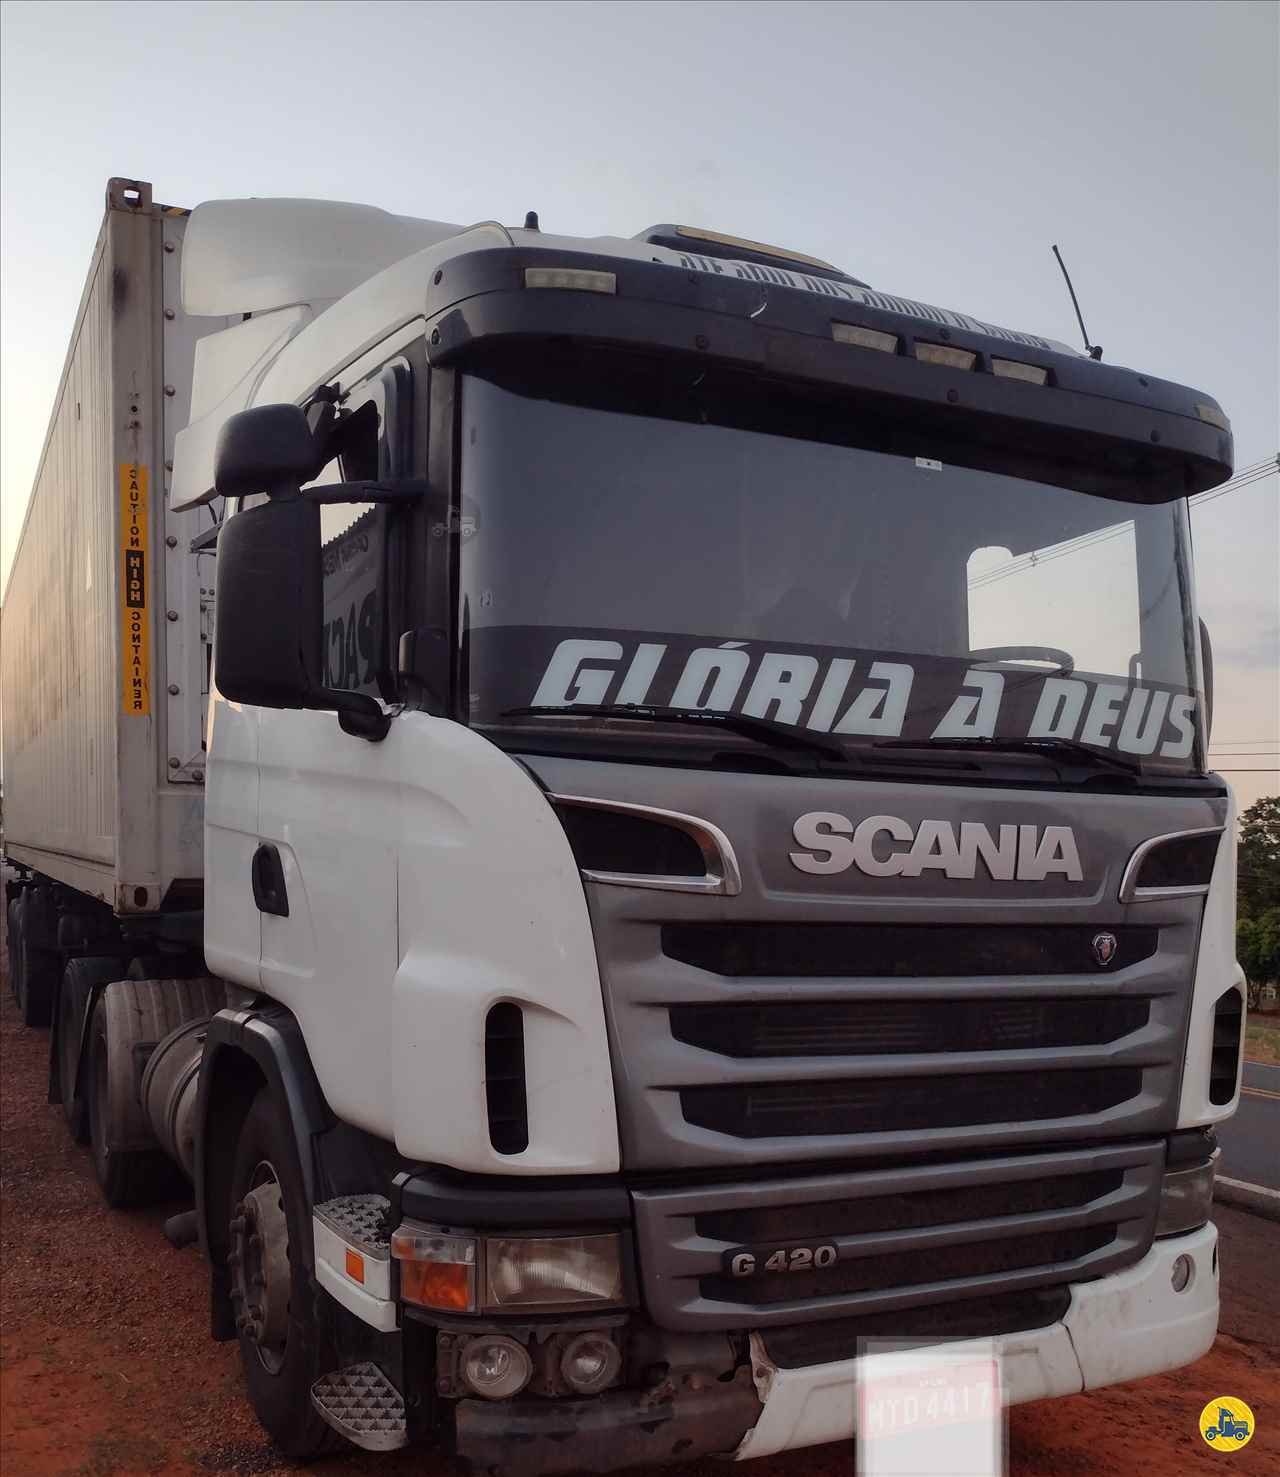 CAMINHAO SCANIA SCANIA 124 420 Cavalo Mecânico Truck 6x2 Barbosa Caminhões LINS SÃO PAULO SP